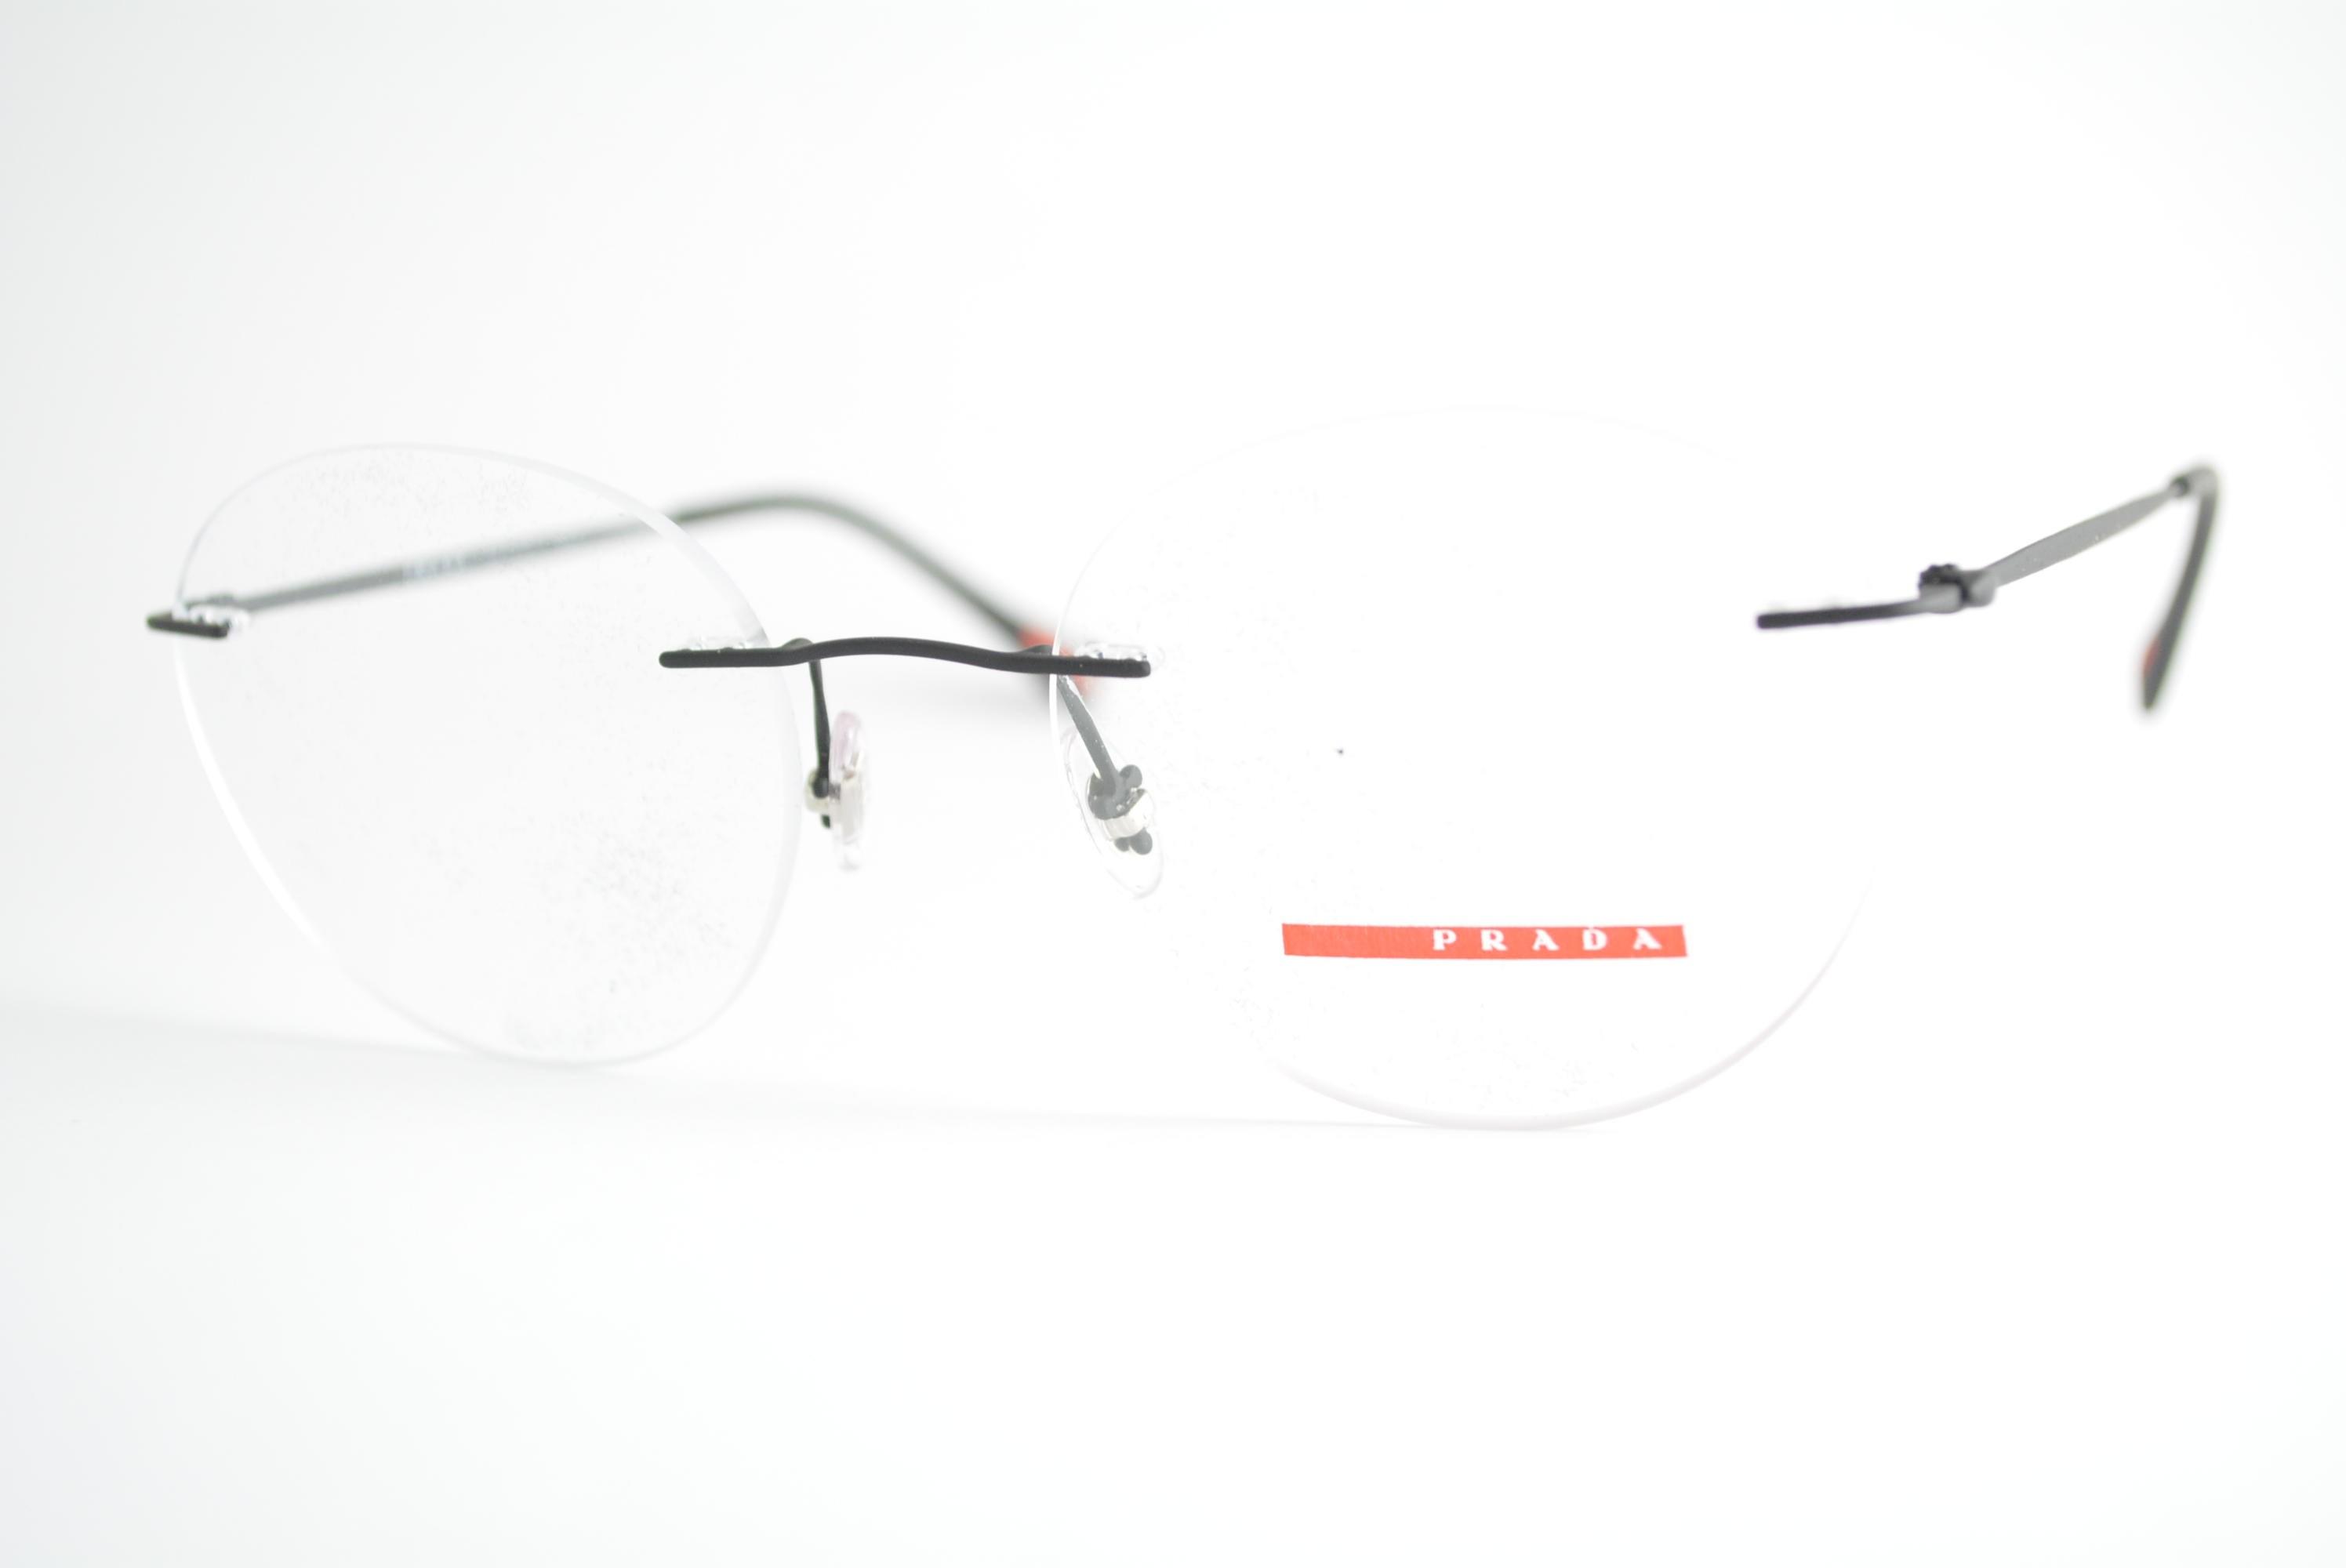 b5e3089c652dc armação de óculos Prada Linea Rossa mod vps52I DG0-1O1 Ótica Cardoso